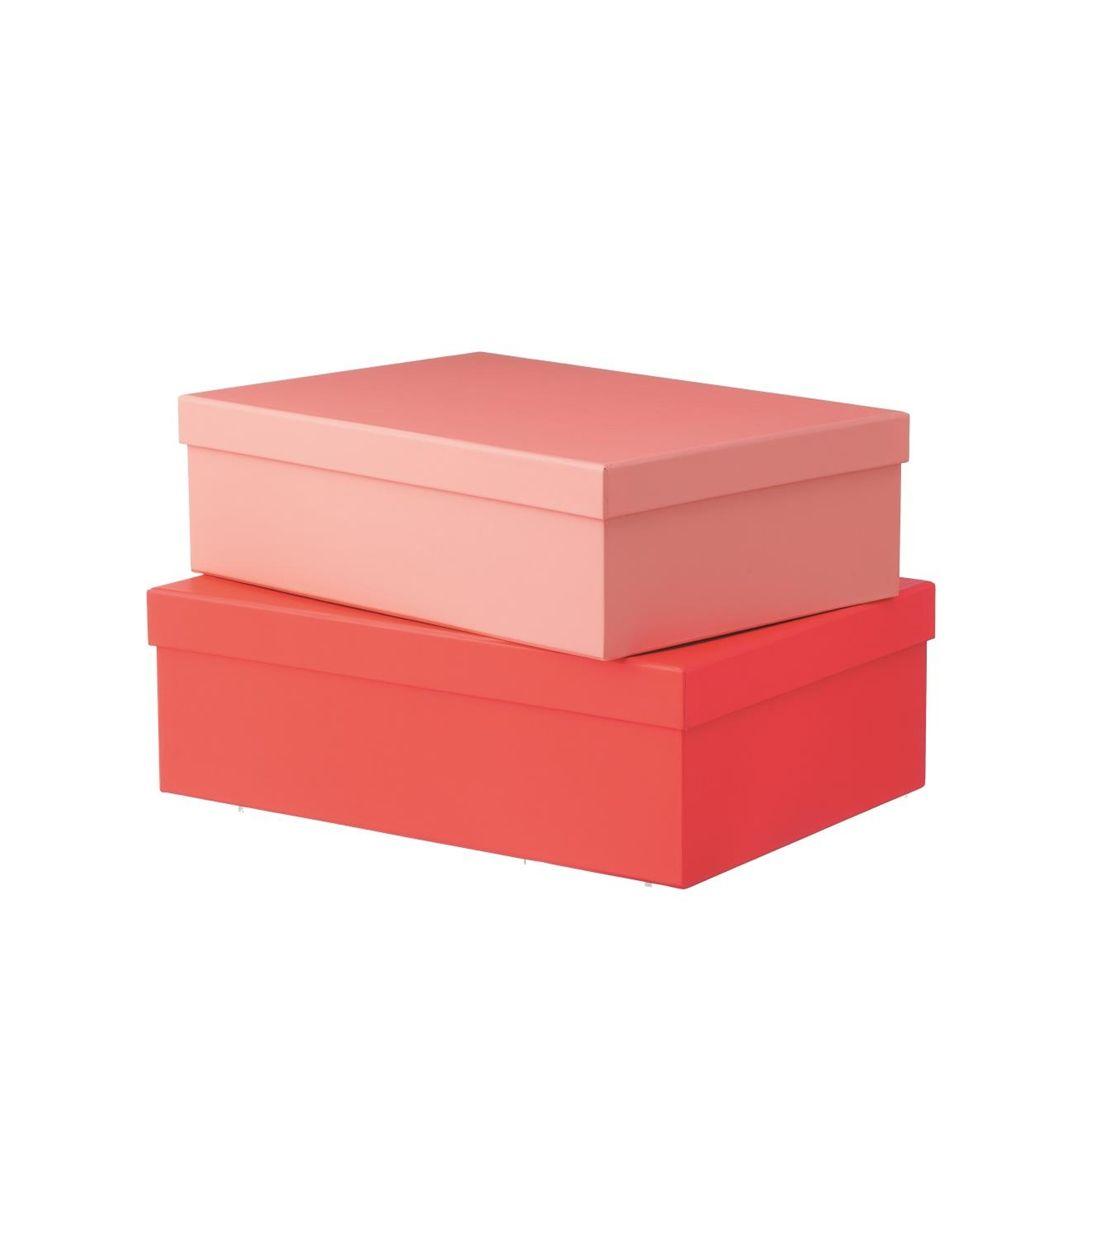 Ordnungsboxen Ikea ordnungsboxen ikea hausdesign pro